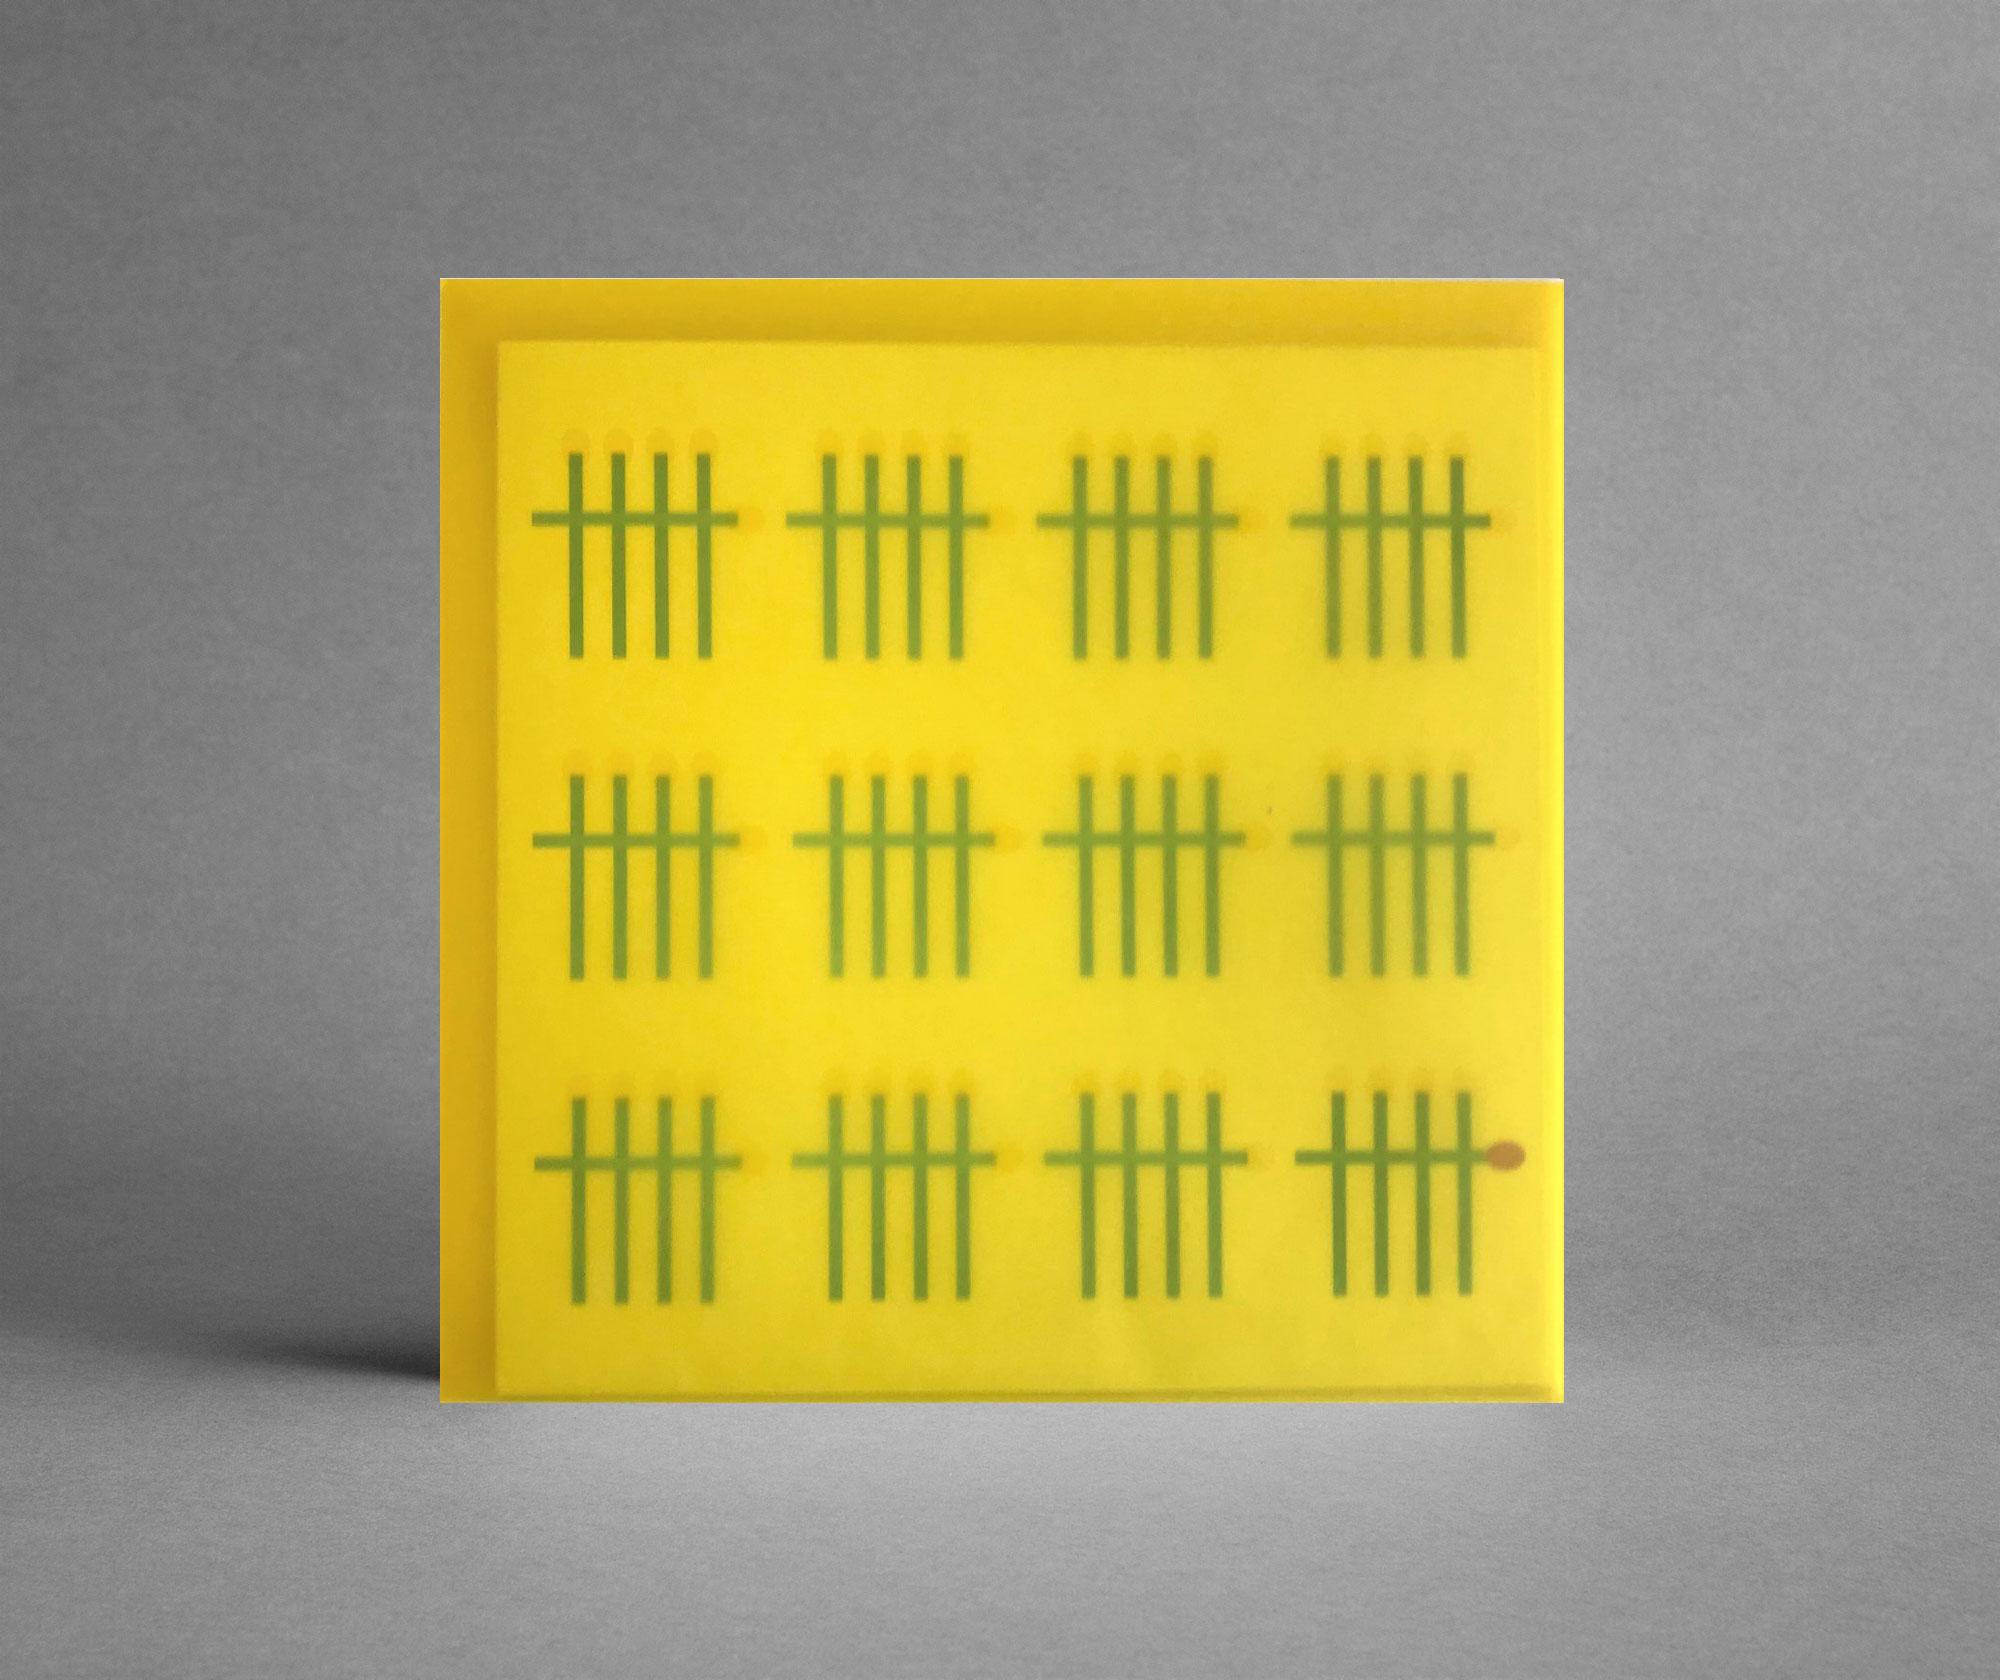 Geburtstags-oder-EInladungskarte-zum-60-Geburtstag_im-gelb-transparentem-Kuvert_grusskarten-designho2fQYBfDllCL